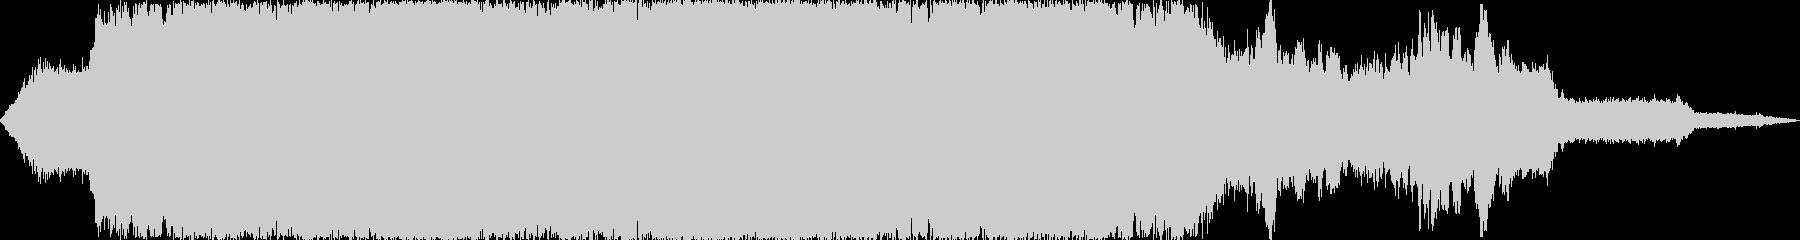 道路工事4  騒音 現場 重機 立体音響の未再生の波形